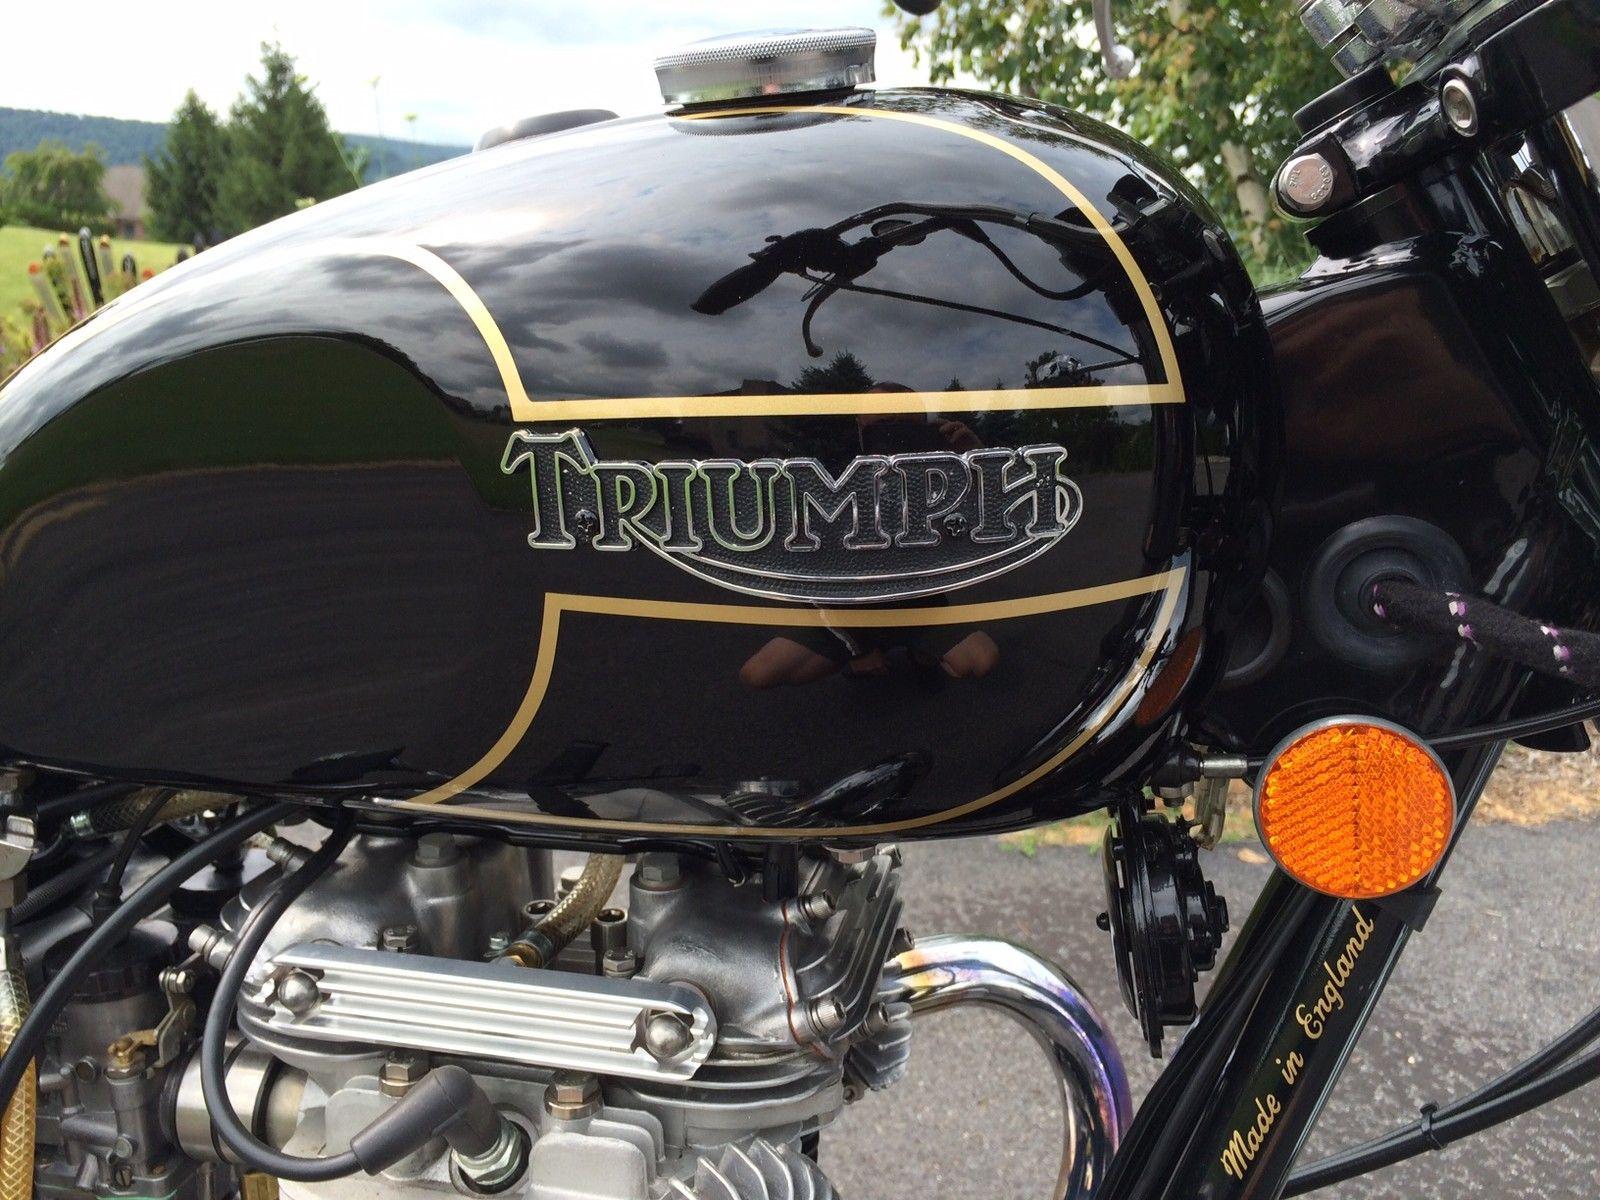 Triumph Bonneville T140D - 1979